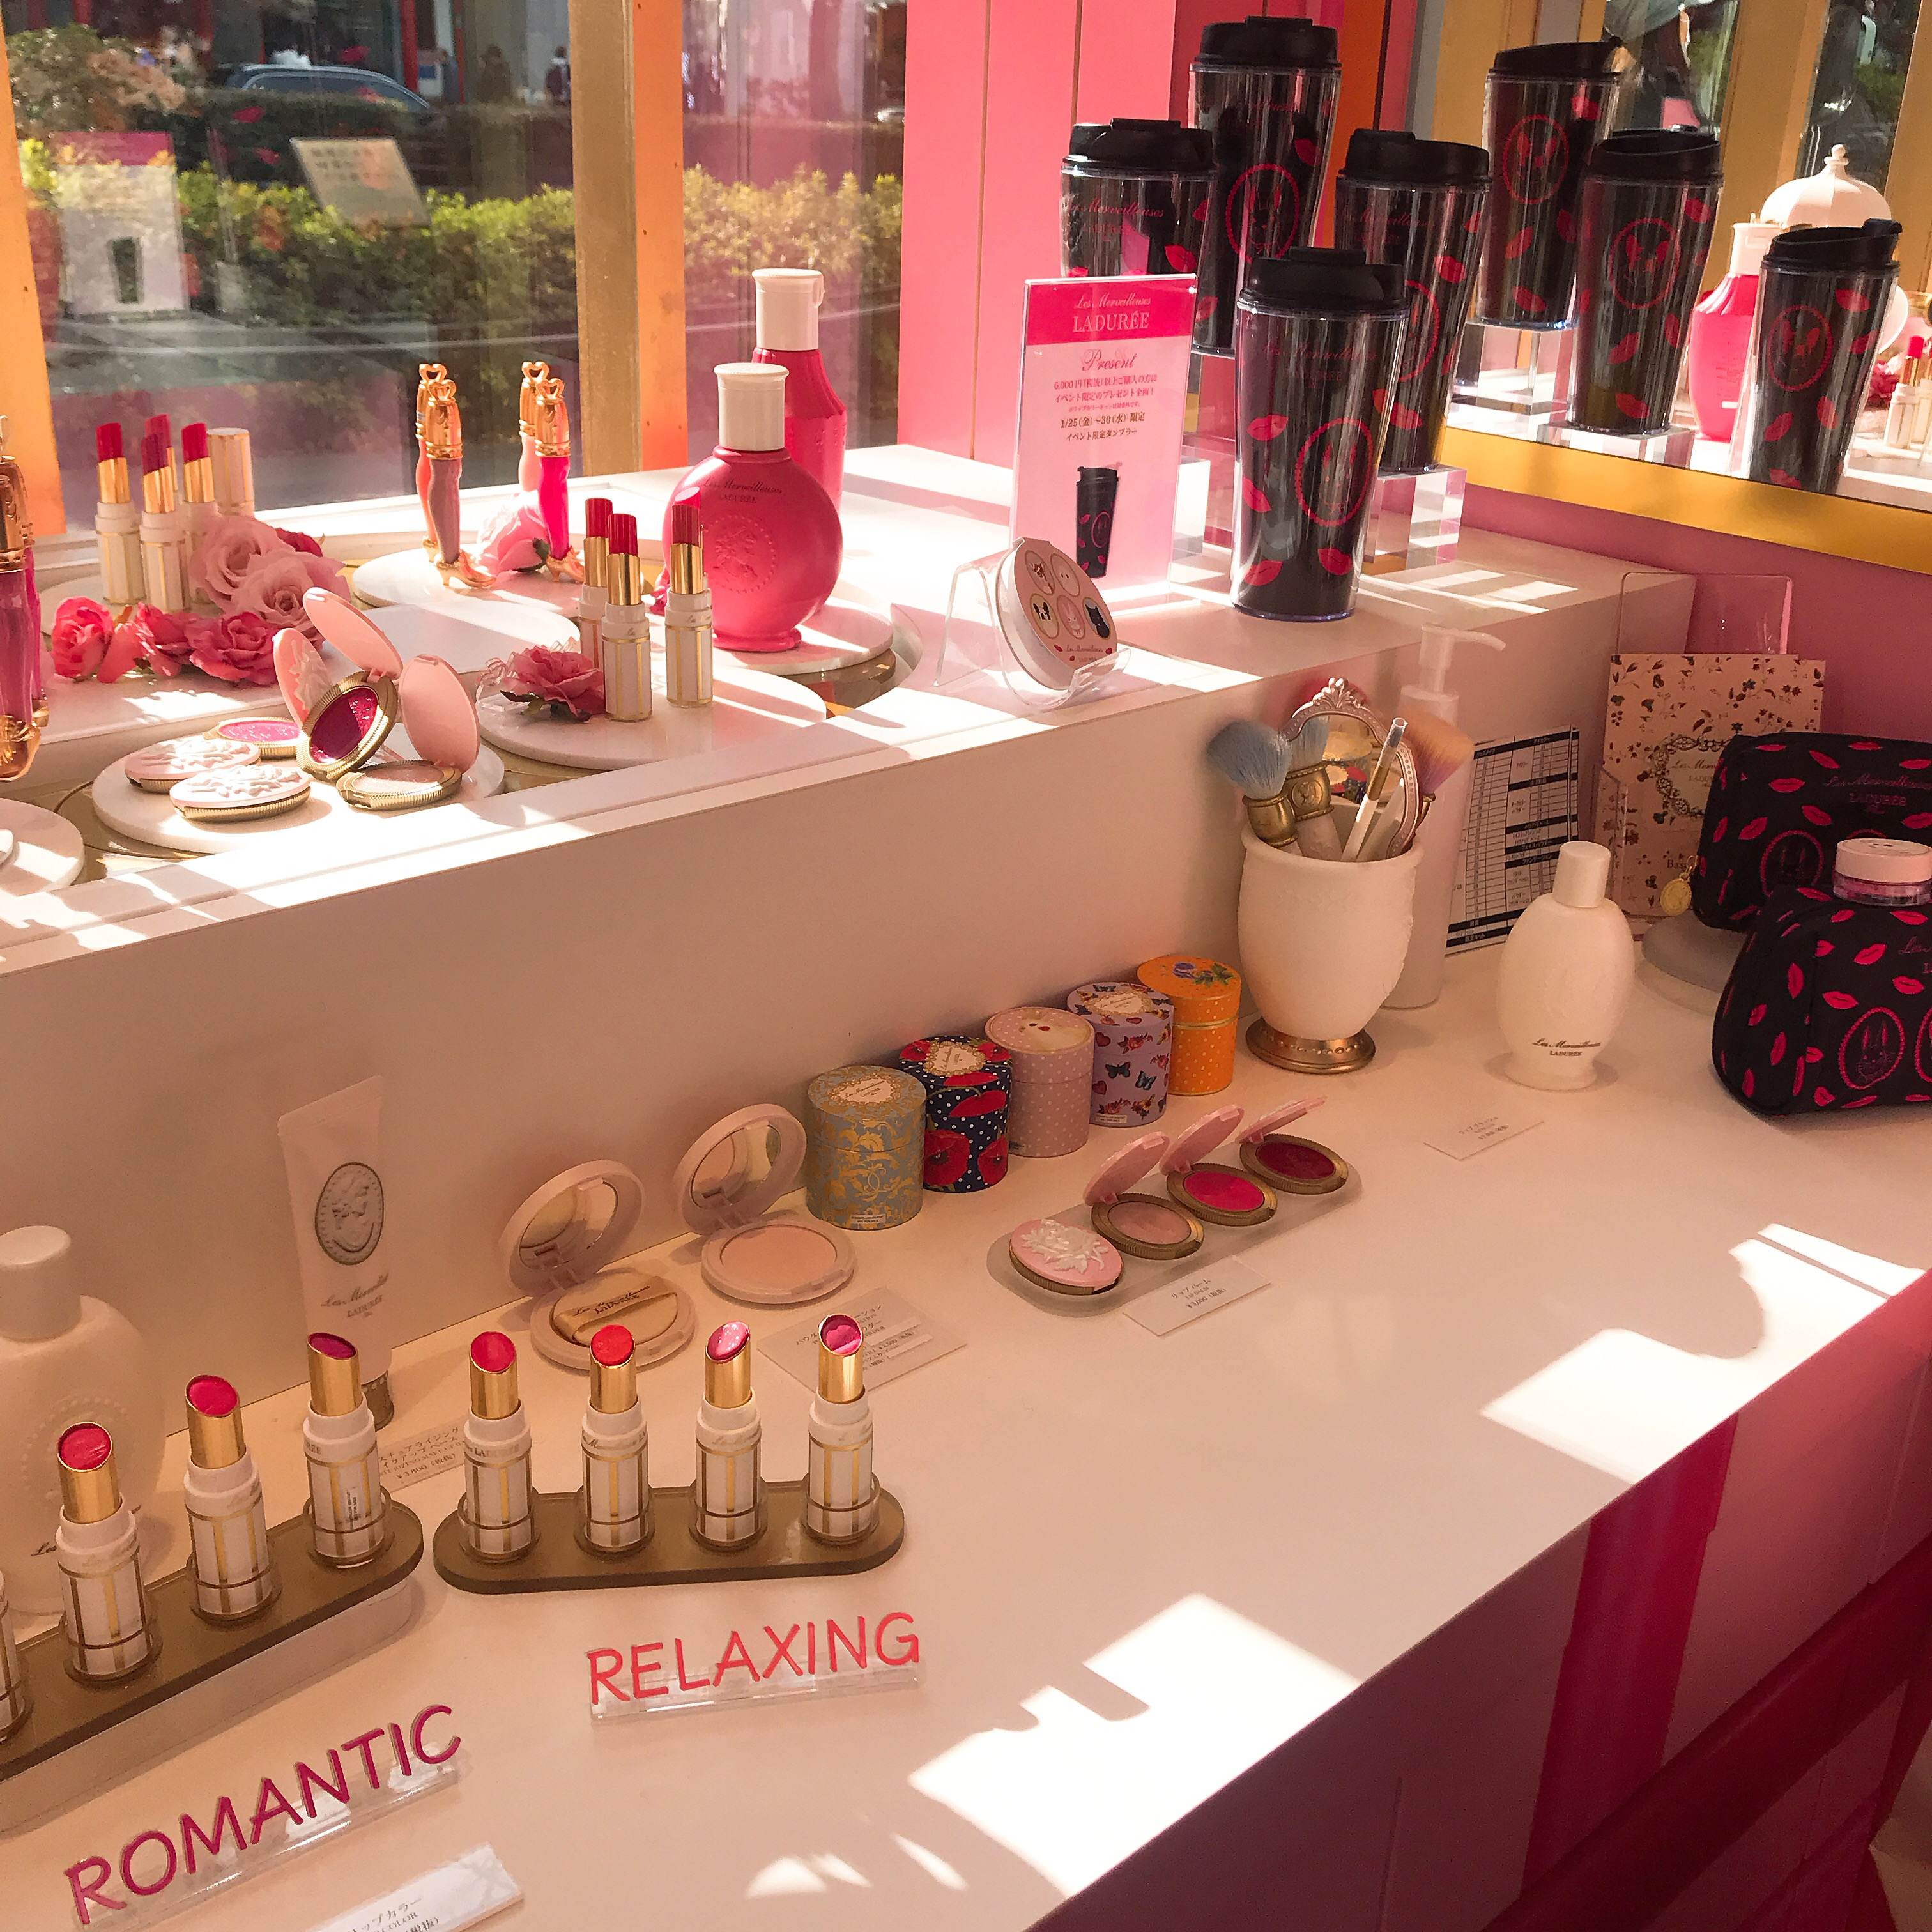 【東京】My Pink! レ・メルヴェイユーズ ラデュレ のPOPUPSHOP【表参道ヒルズ】_4